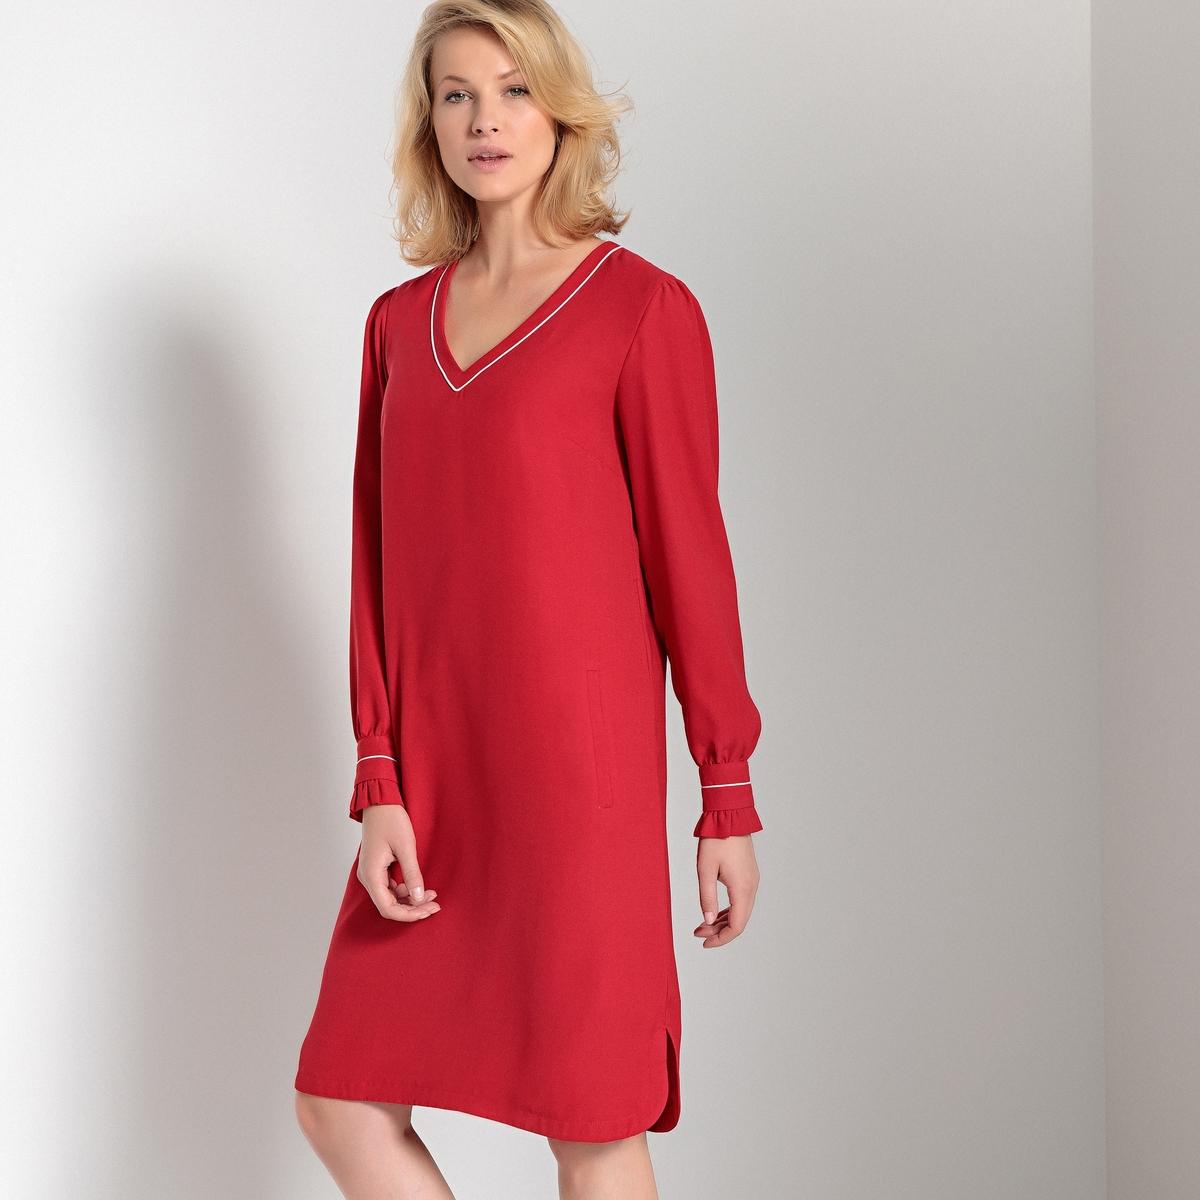 Платье средней длины прямое с длинными рукавами кутюр осень клуб европы новые длинные глубокий v шеи холтер низкой вырезать платье накладки 21706